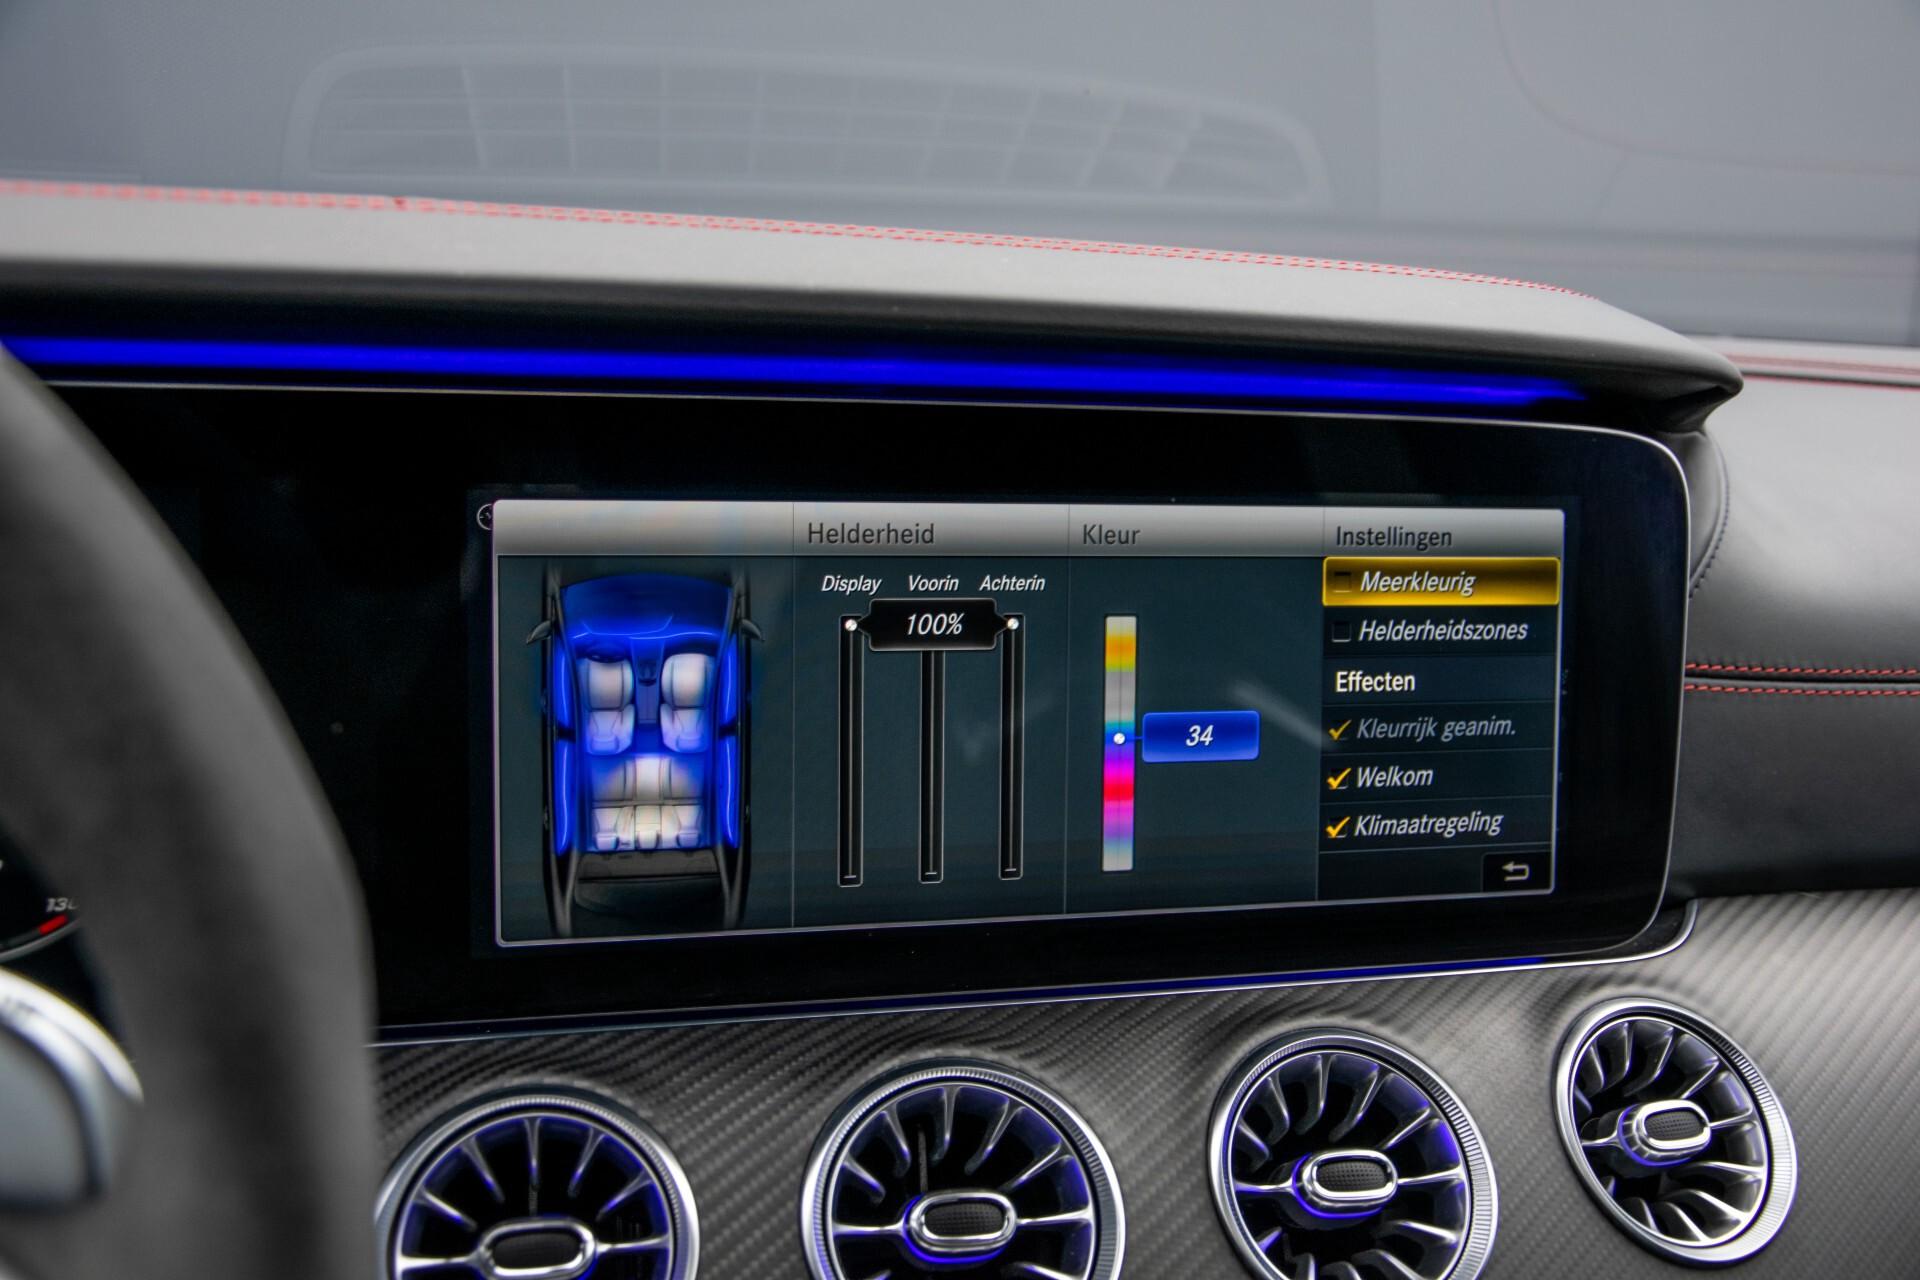 Mercedes-Benz AMG GT 4-Door Coupe 63 S 4M+ Keramisch/Full Carbon/Aerodynamica/Burmester 3D/TV/Performance stoelen/Standkachel Aut9 Foto 39